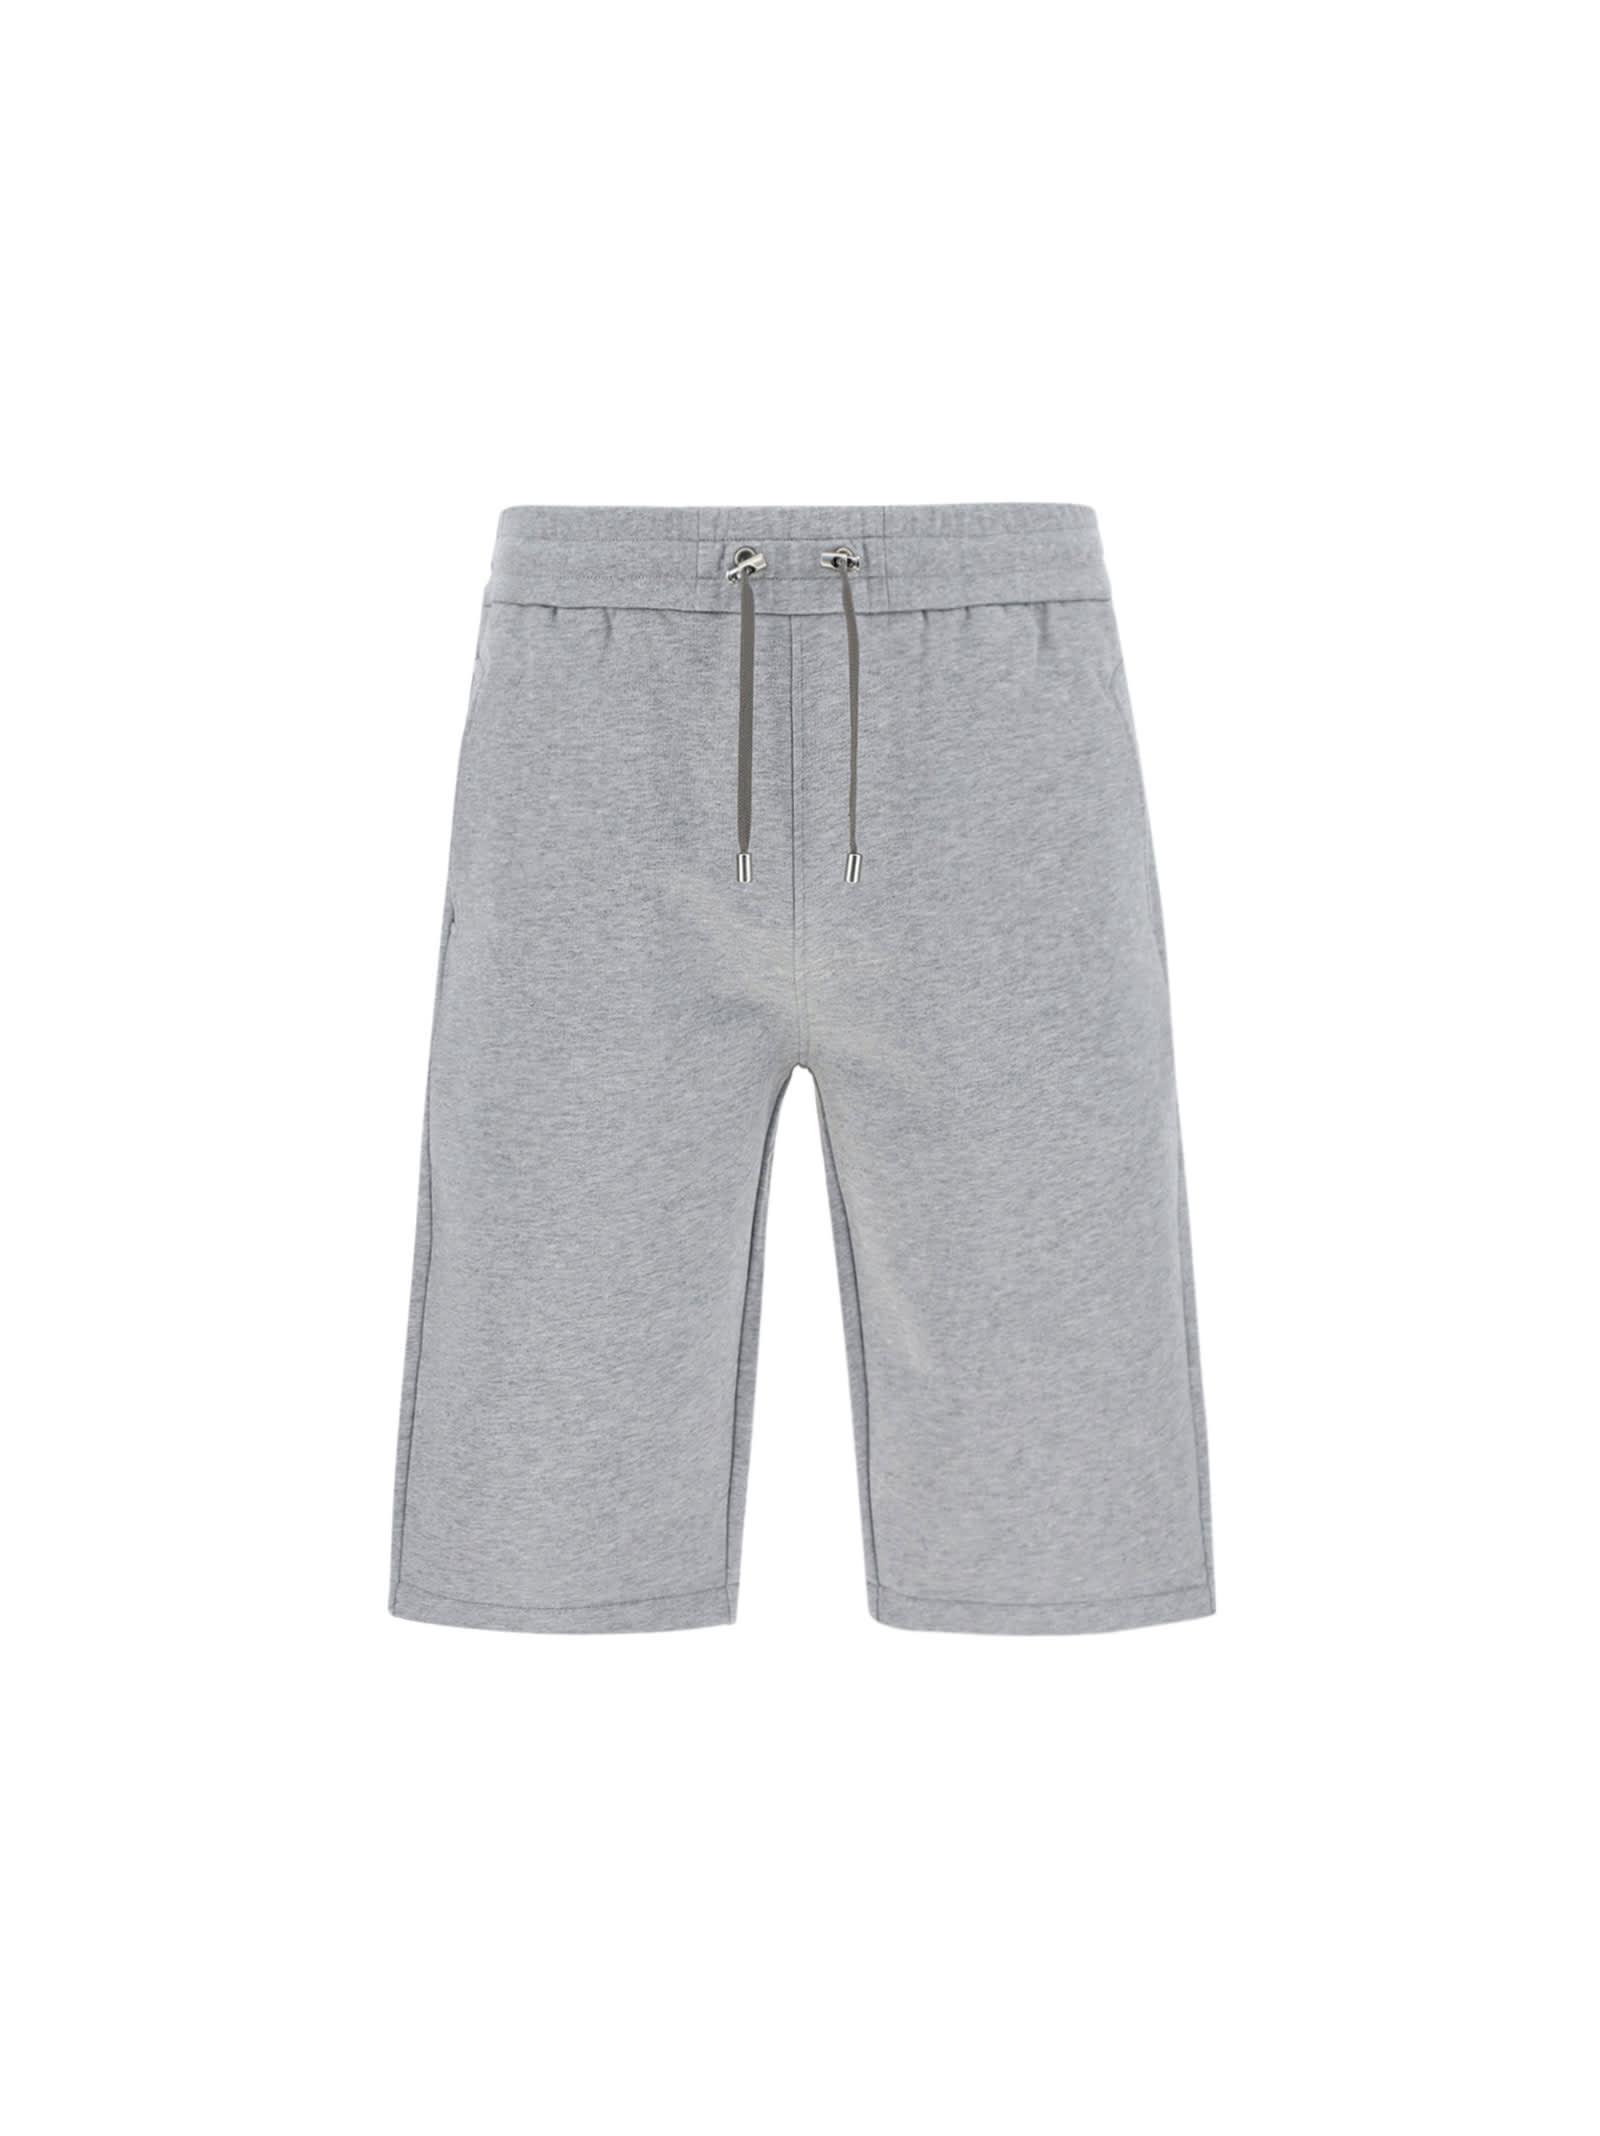 Shorts By Balmain